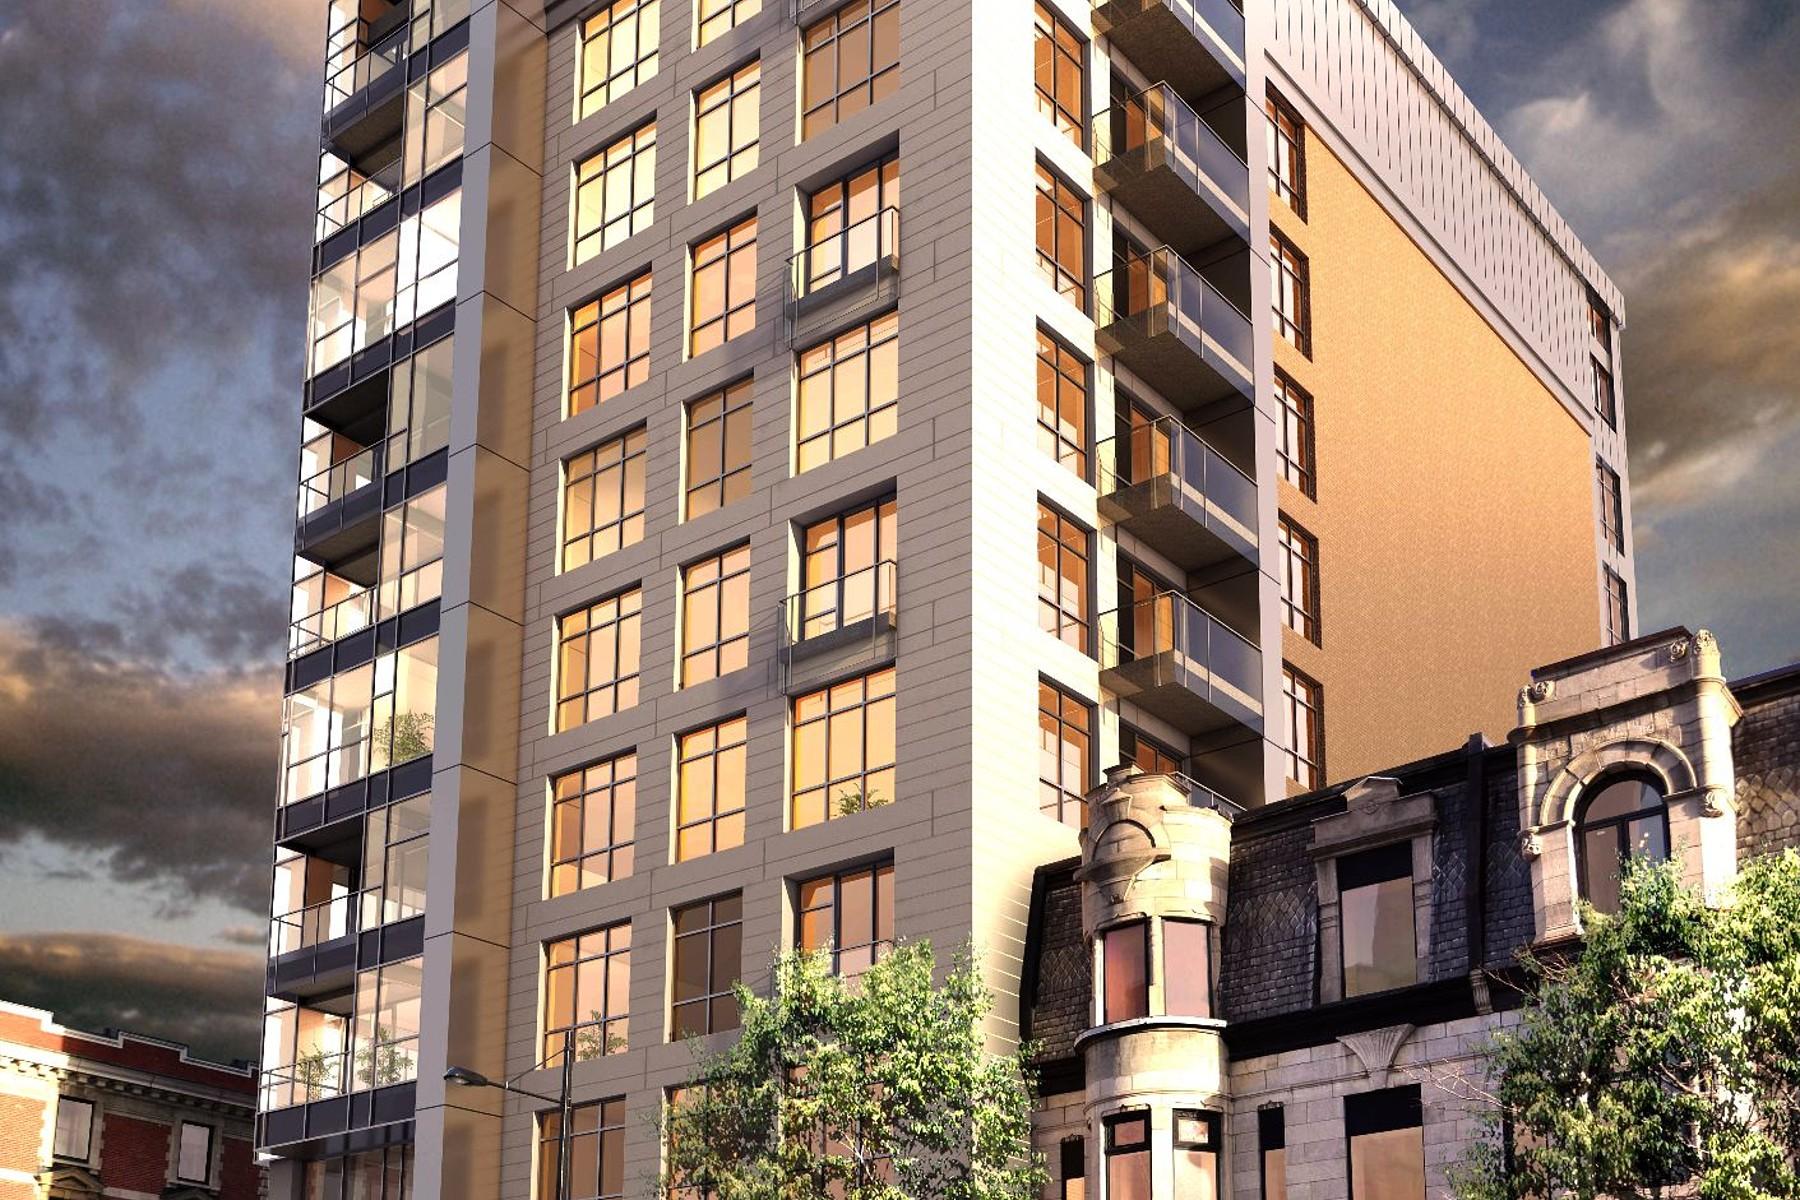 Condominium for Sale at Ville-Marie (Montréal), Montréal 1420 Rue Sherbrooke O., Apt. 603 Montreal, Quebec H3G1K4 Canada